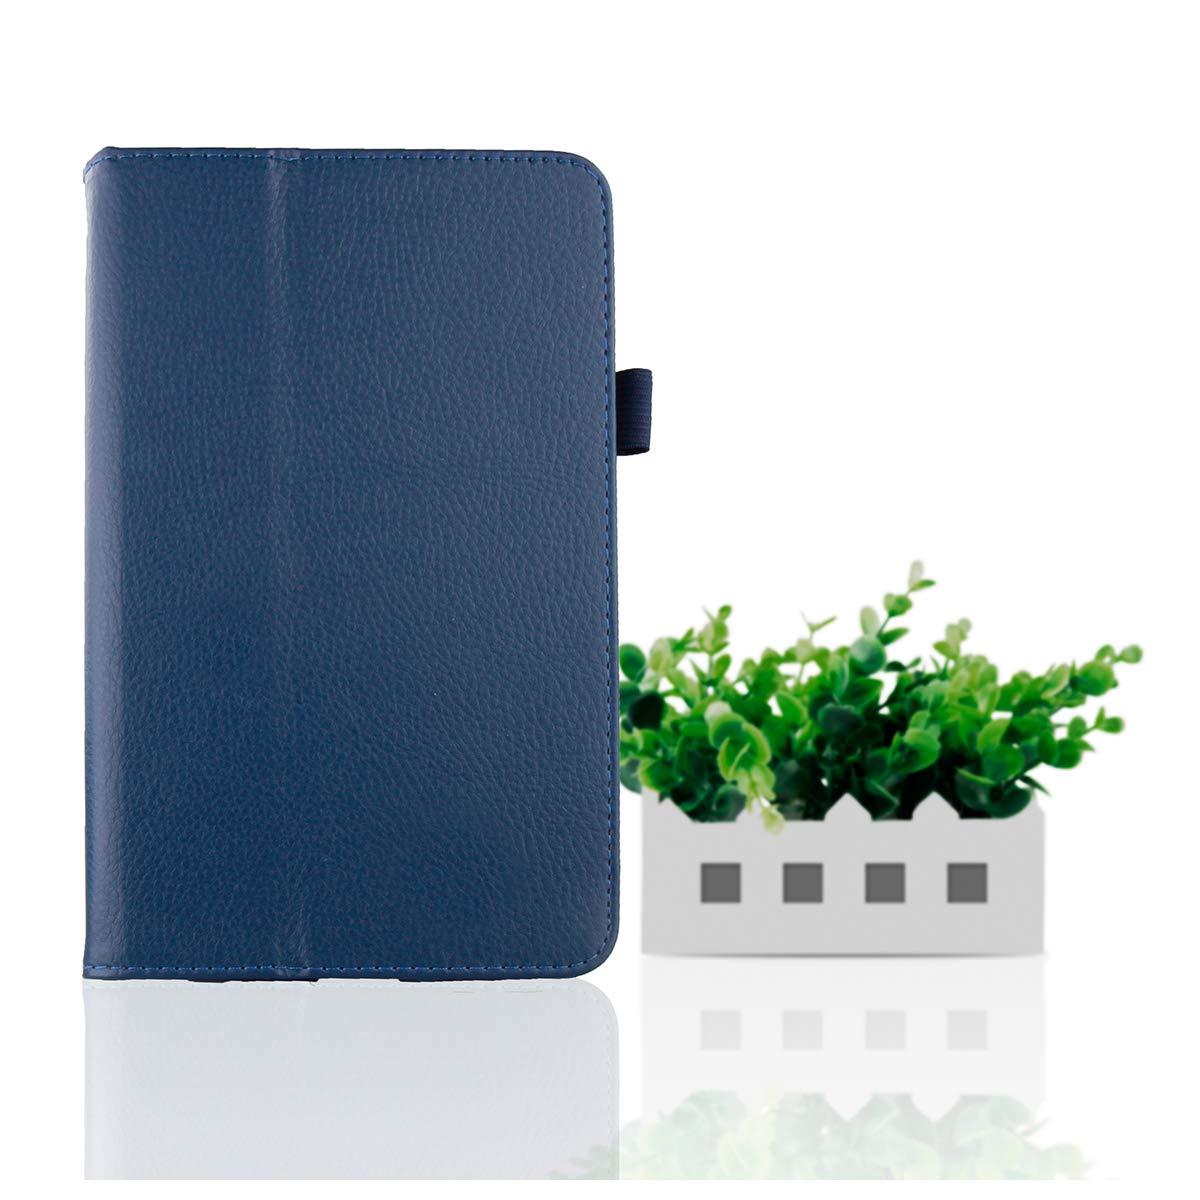 LG G Pad 7.0 V400 プレミアム PUレザー フリップケース ケースリストレザーケース カード付き C605-5Q-917  ダークブルー B07LFF9JCQ